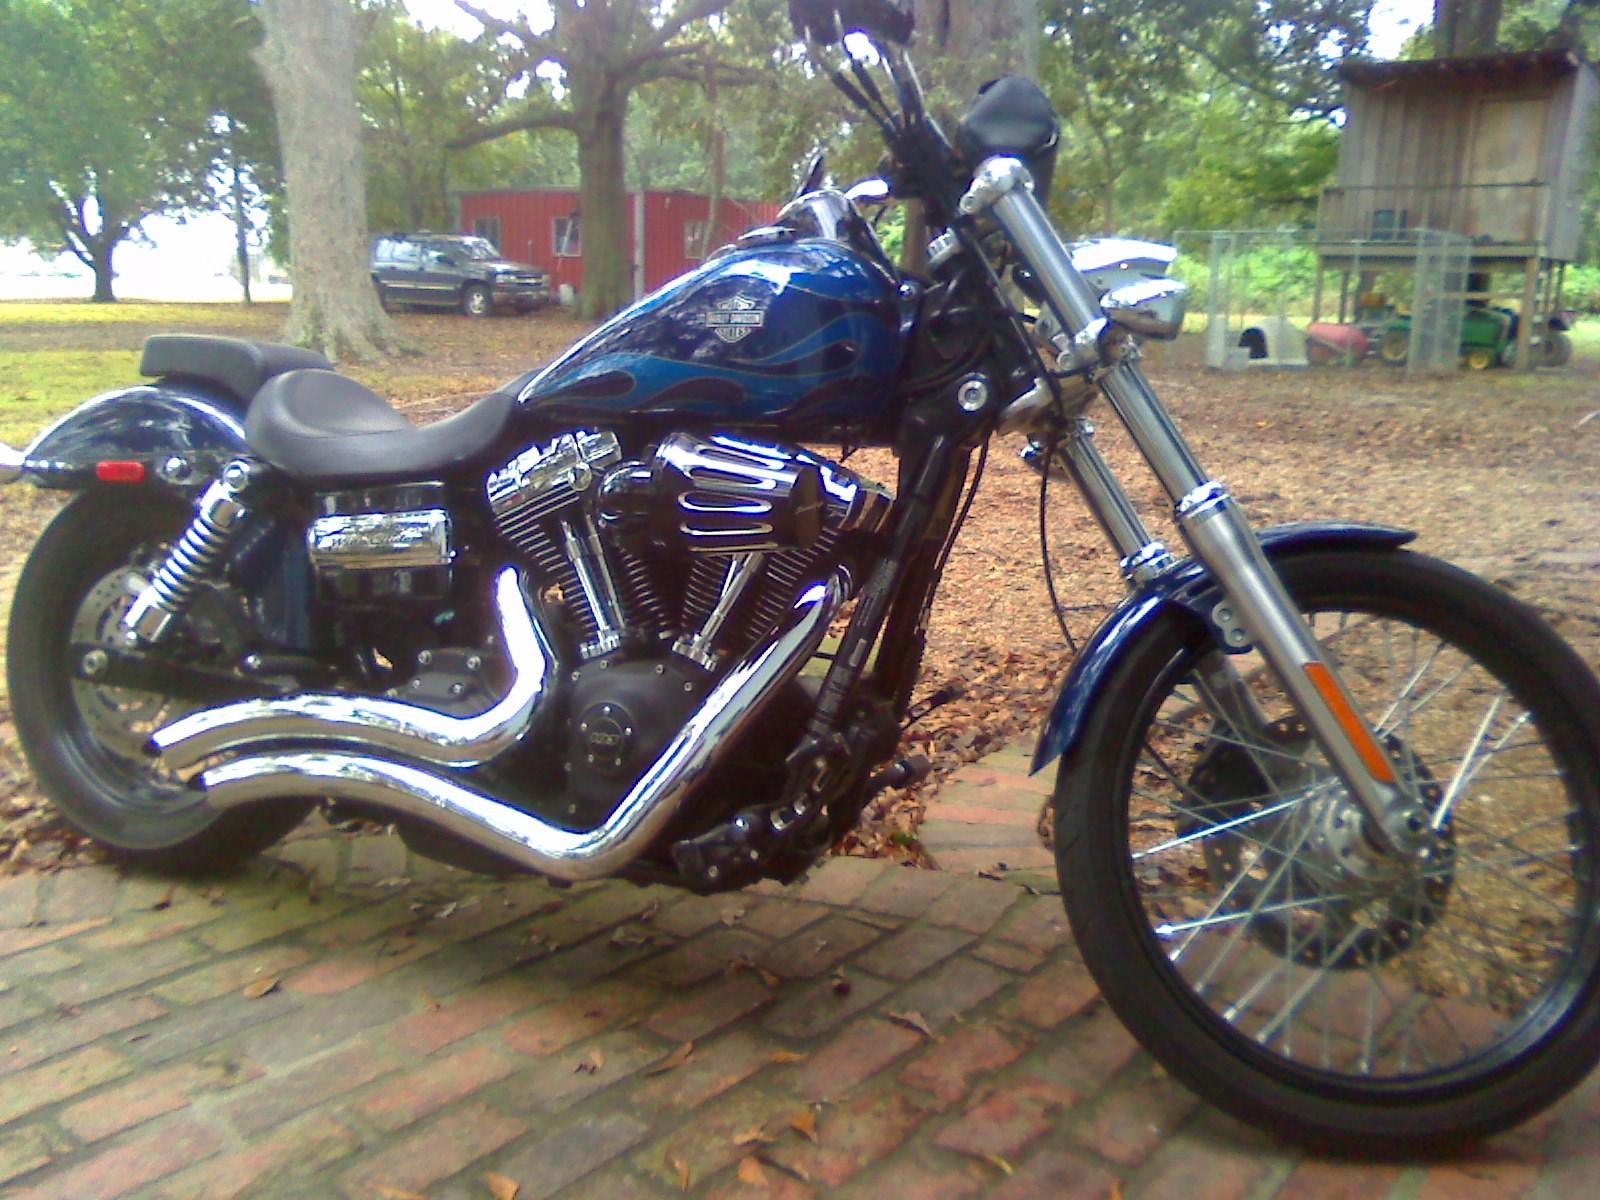 2012 Harley-Davidson® FXDWG Dyna® Wide Glide® (Blue/Flames ...